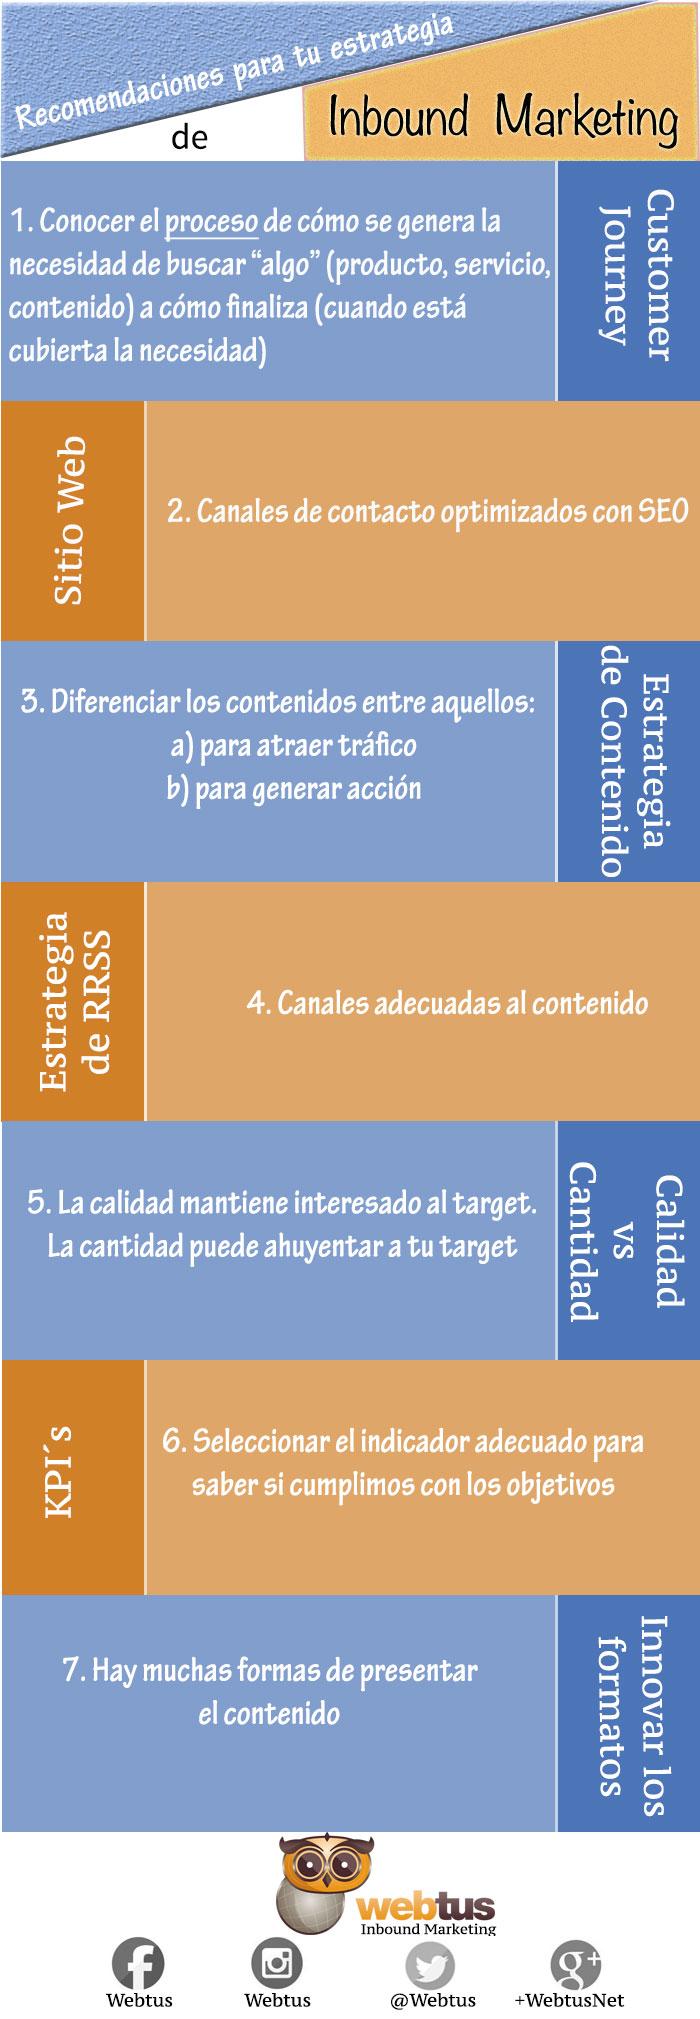 Algunas-recomendaciones-para-la-estrategia-de-Inbound-Marketing